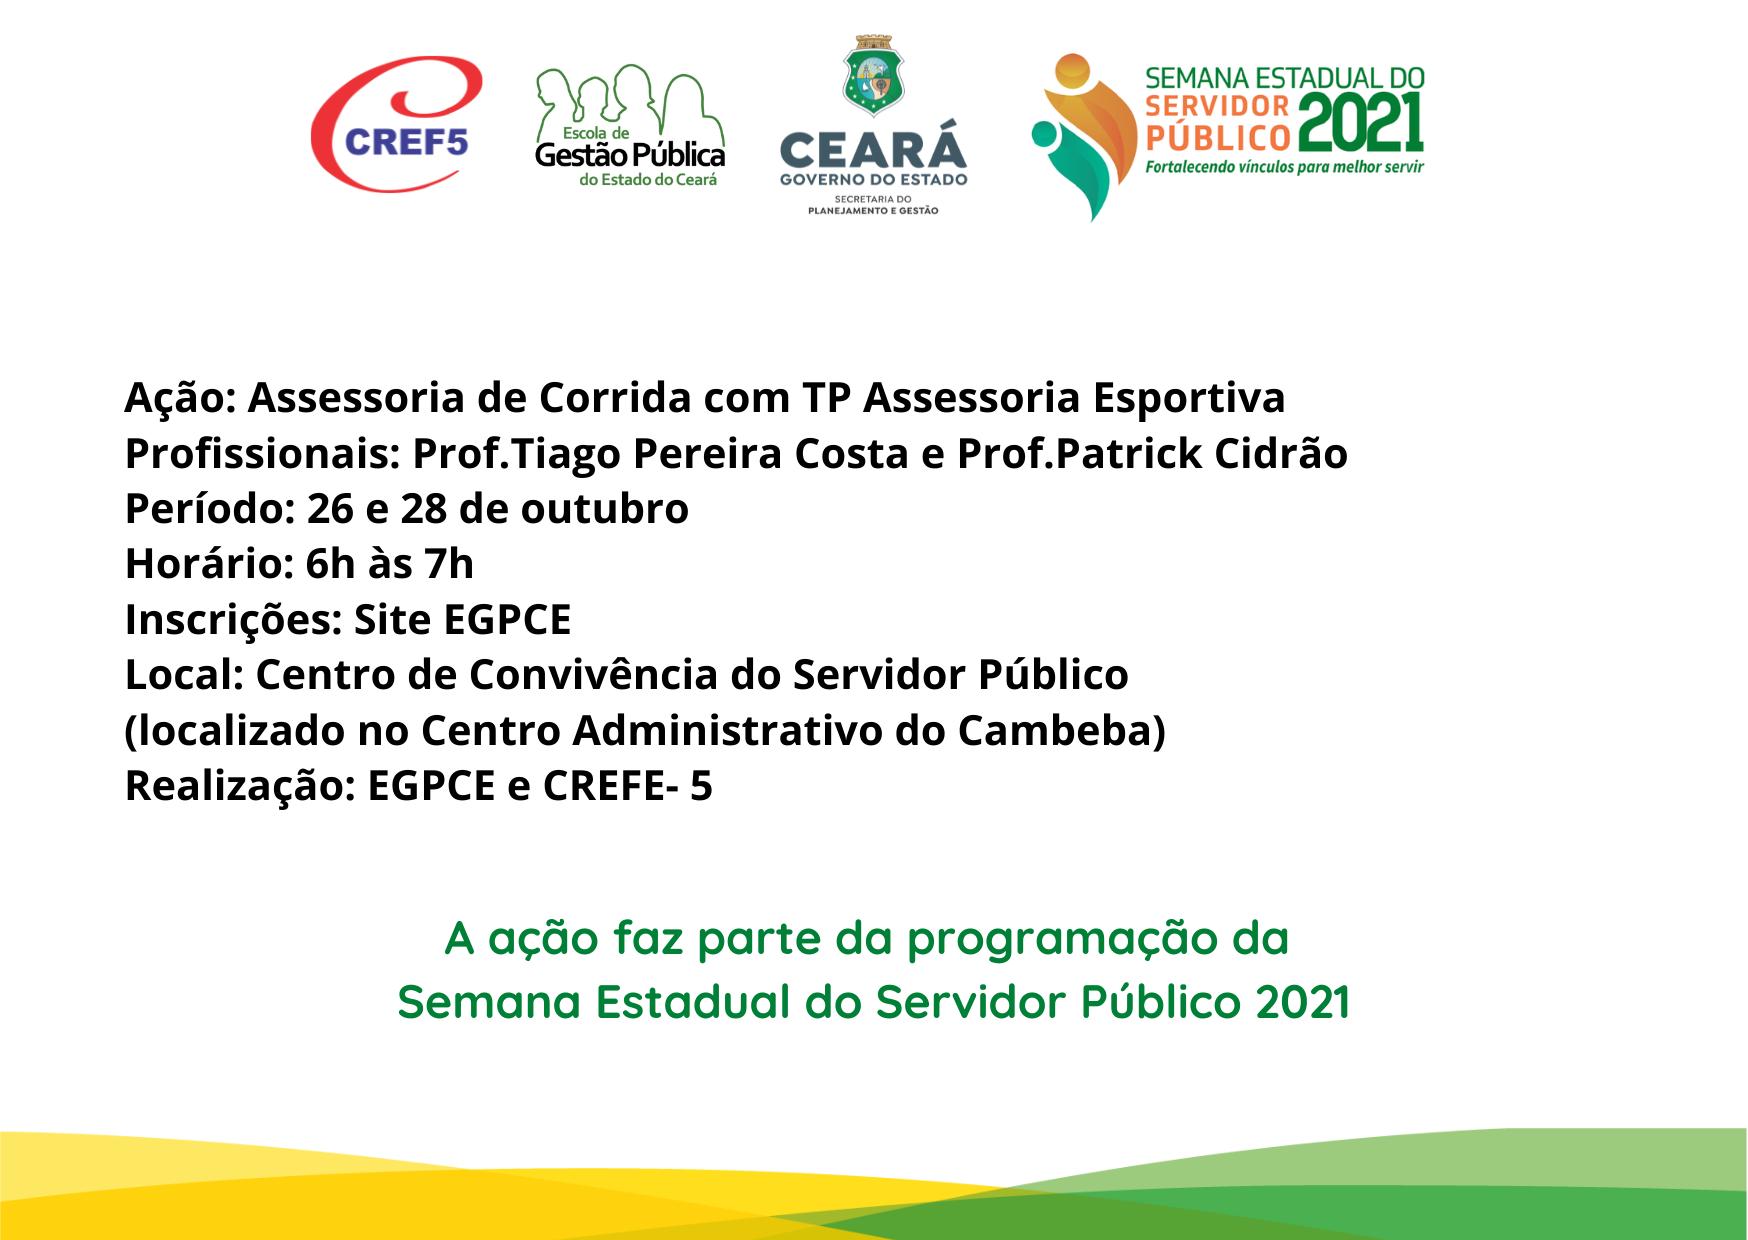 EGPCE em parceria com a CREFE-5 promove assessoria de corrida para servidores públicos